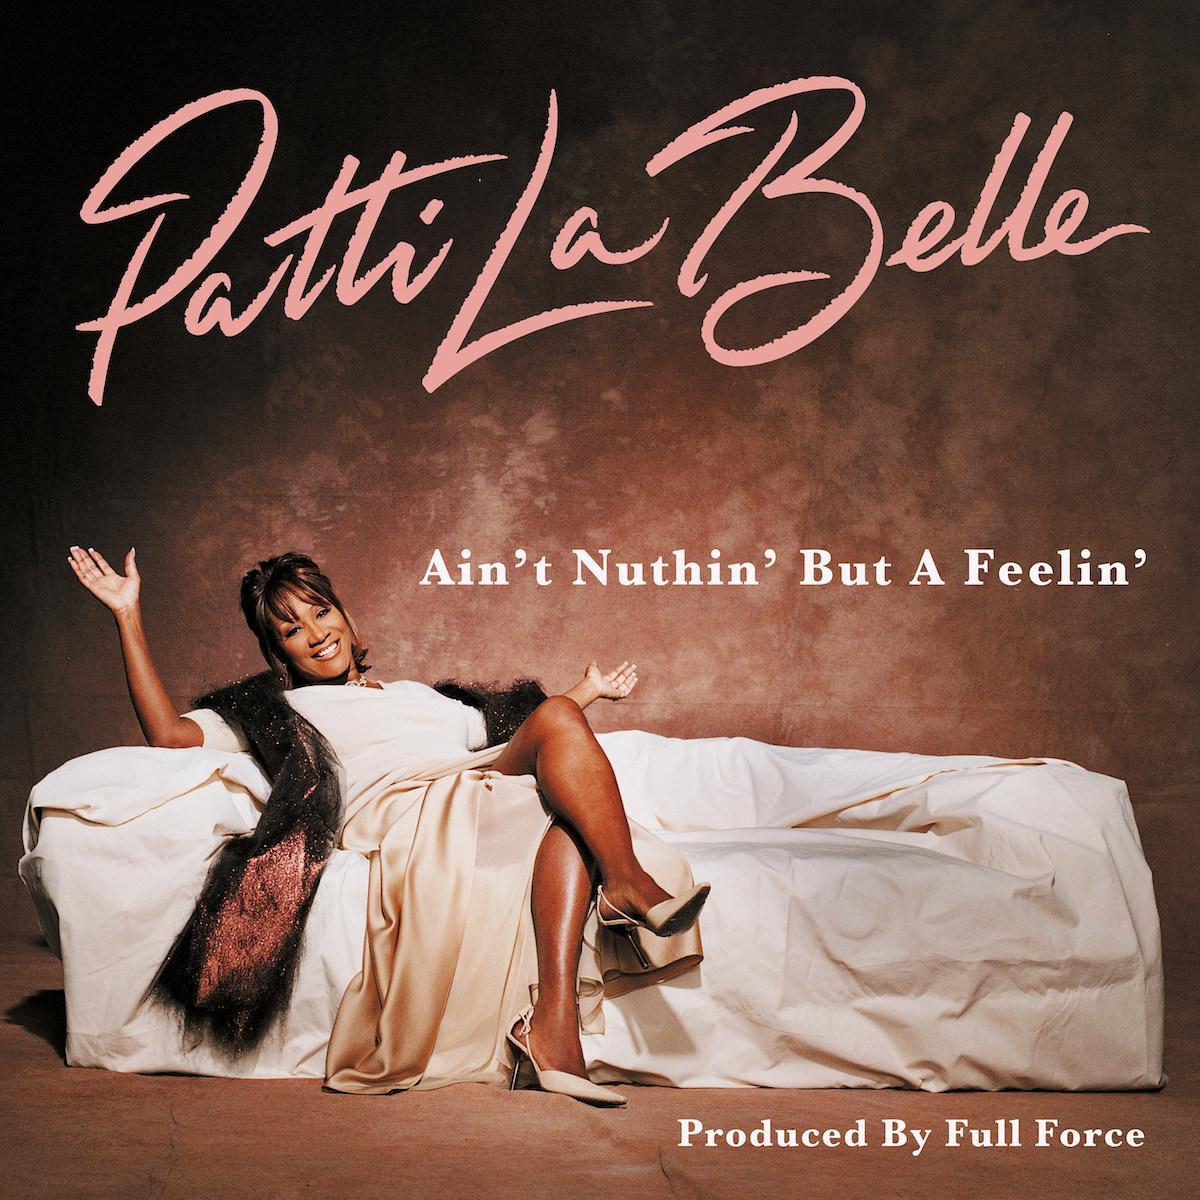 Patti-LaBelle-Aint-Nuthin-But-A-Feelin-DIGITAL-EP